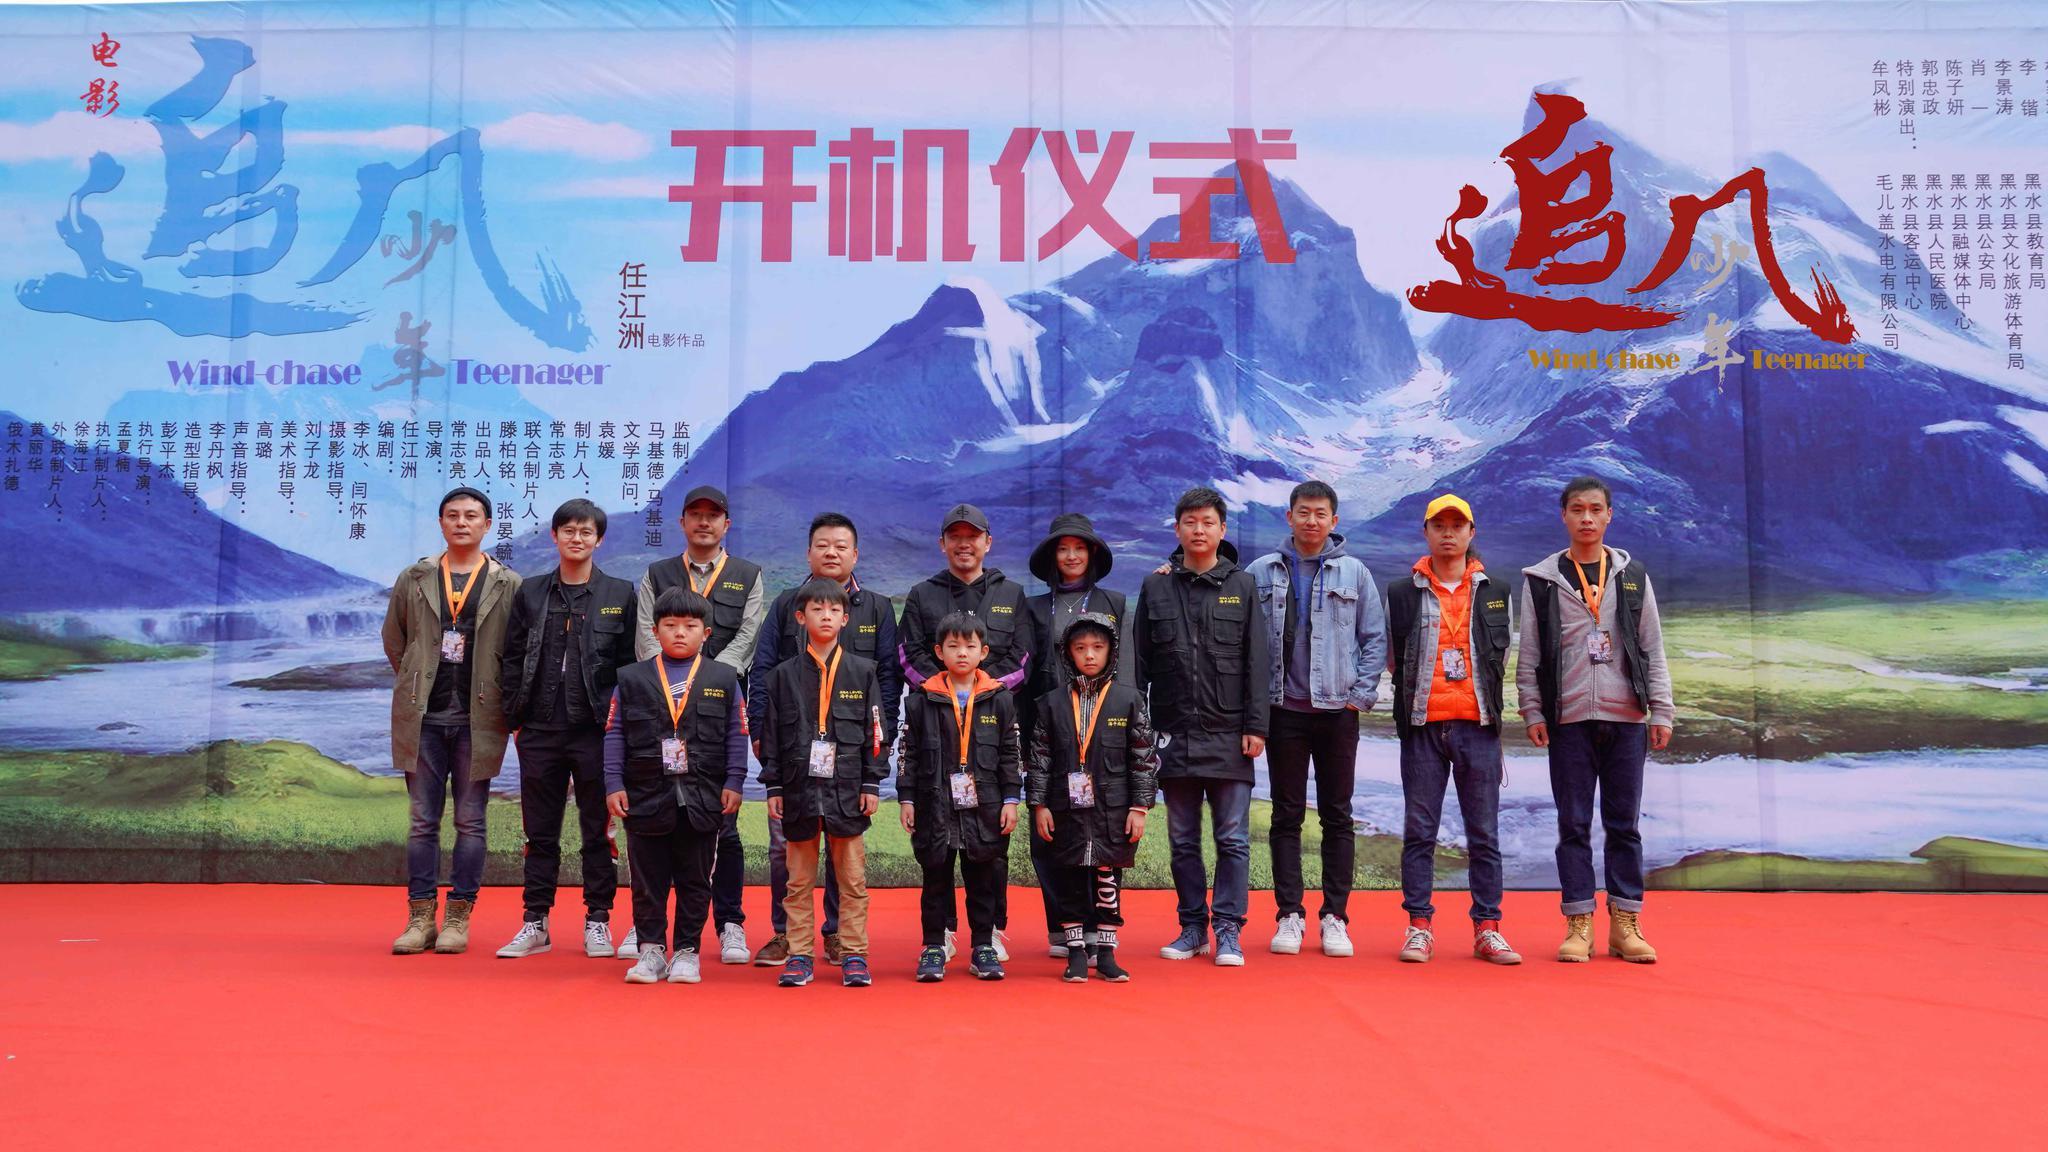 电影《追风少年》开机仪式在达古冰川景区举行